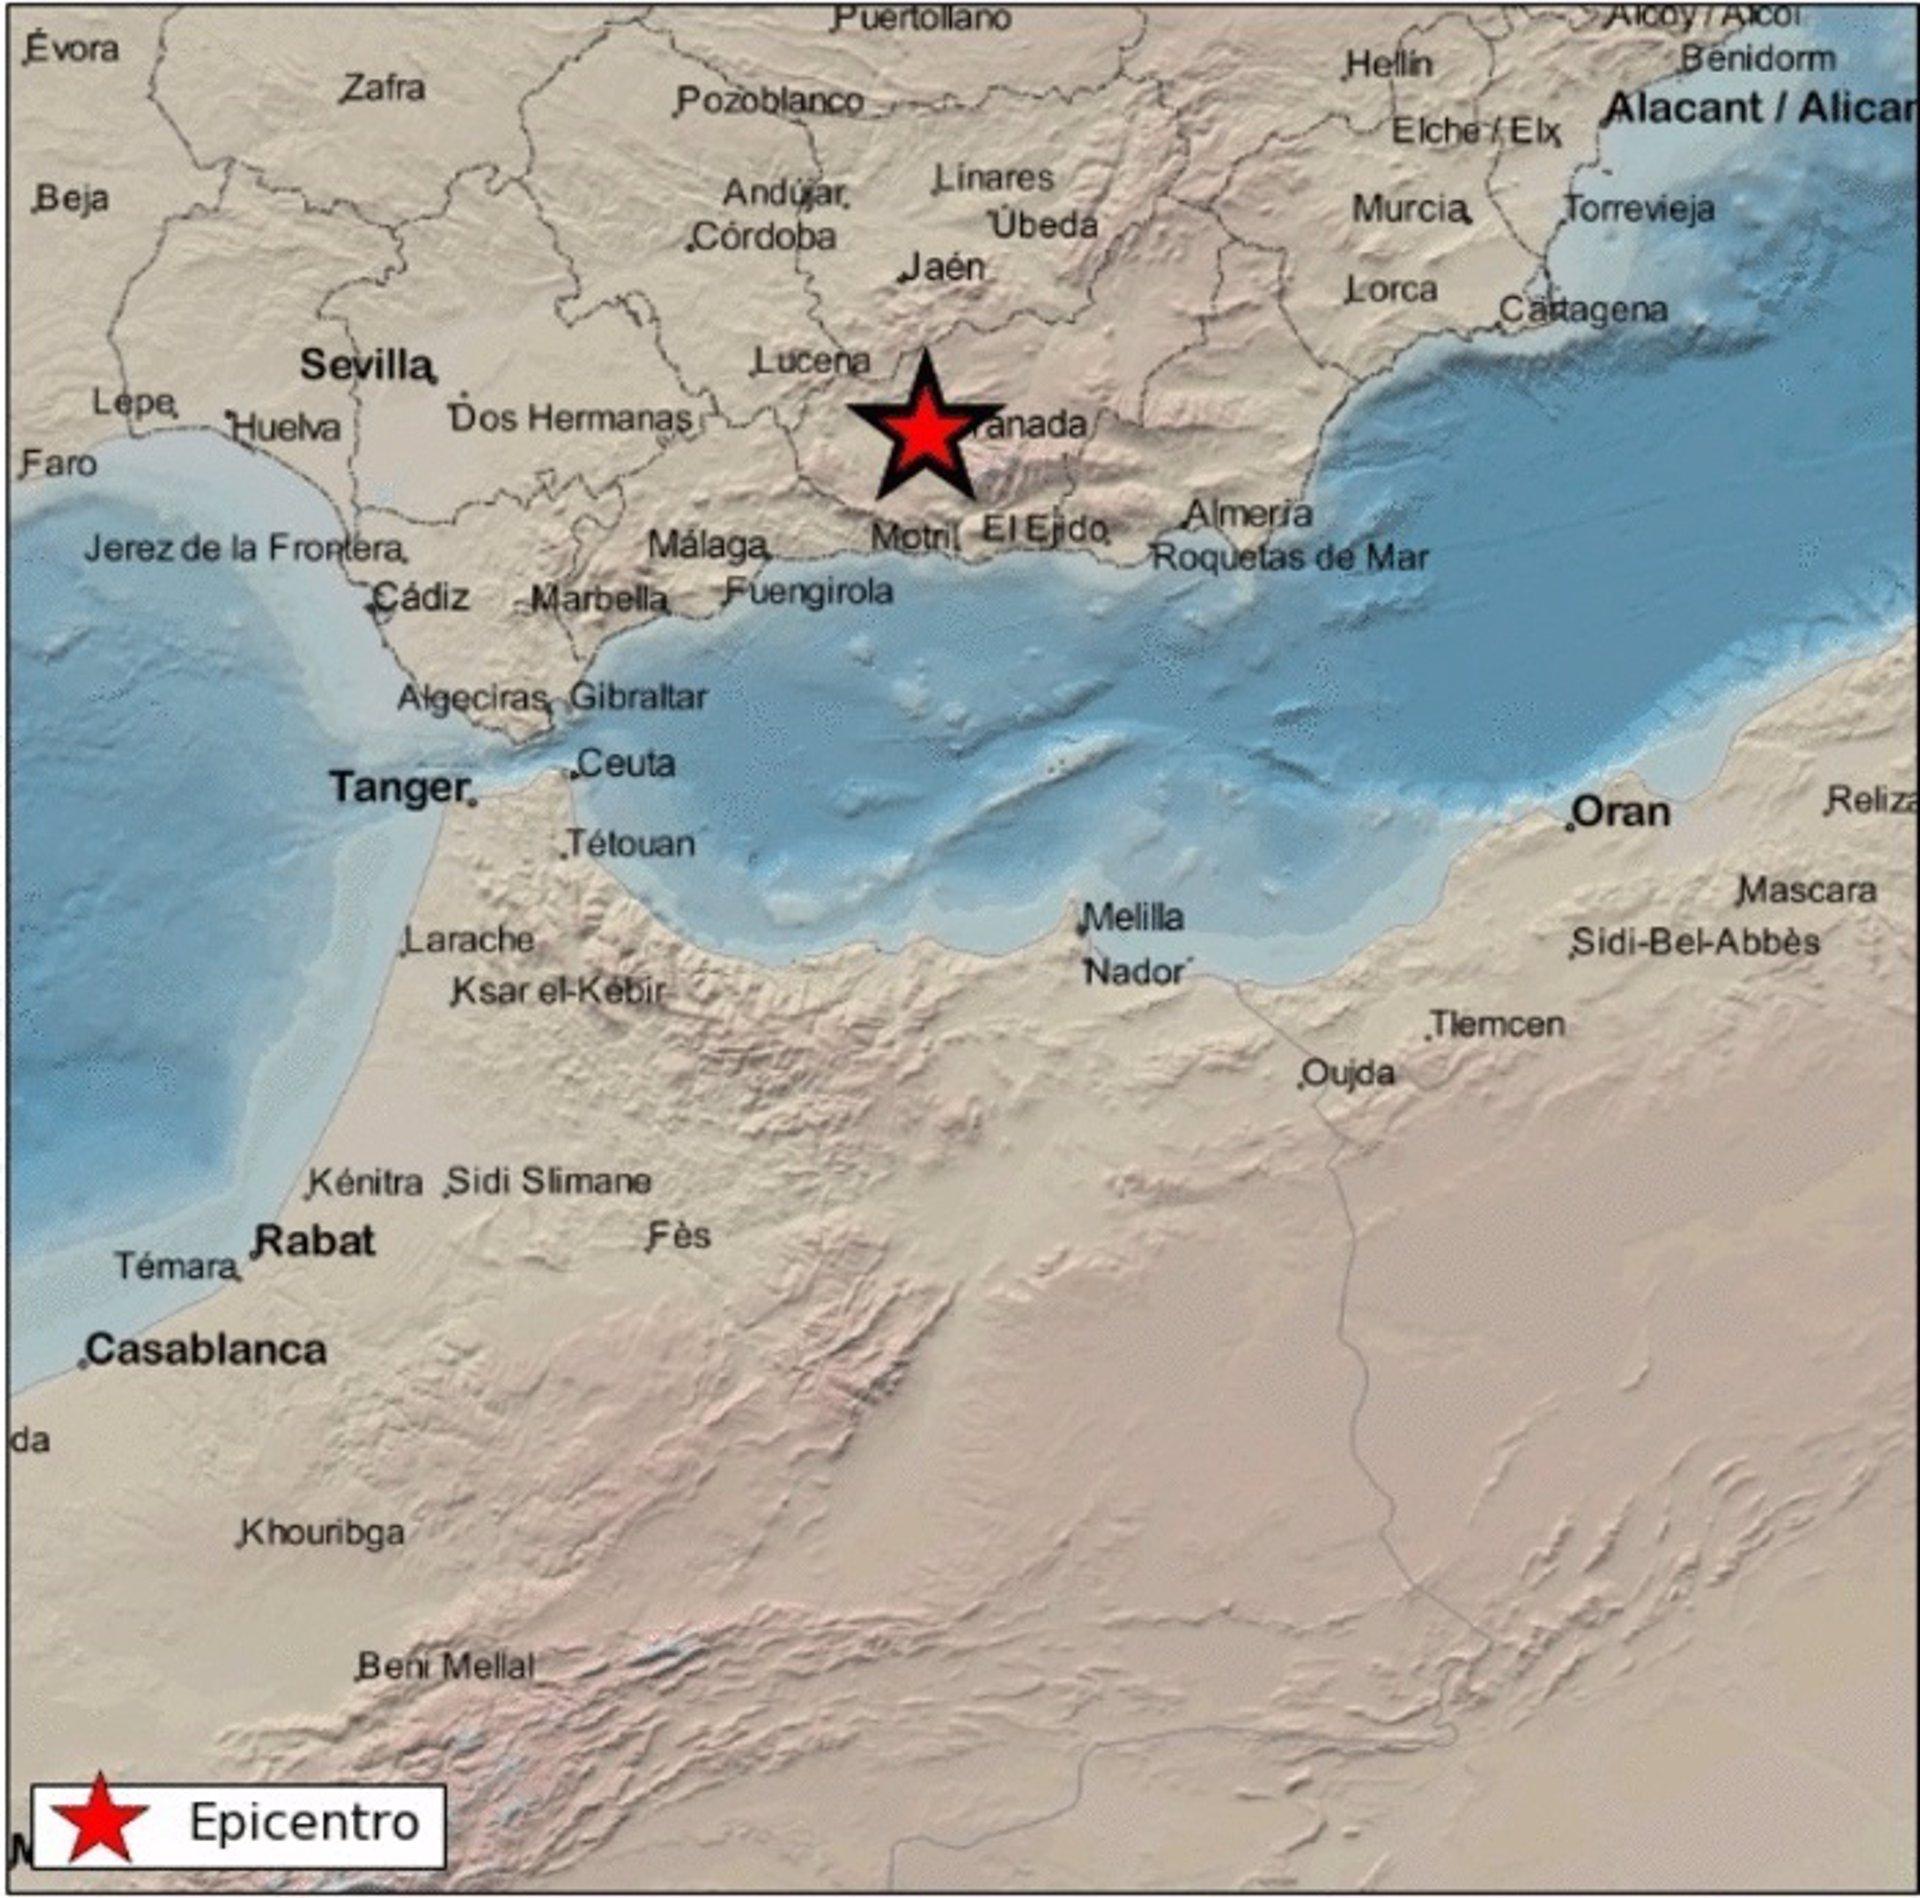 La serie sísmica suma cinco terremotos de baja magnitud durante el fin de semana tras el de 3,1 de Gójar